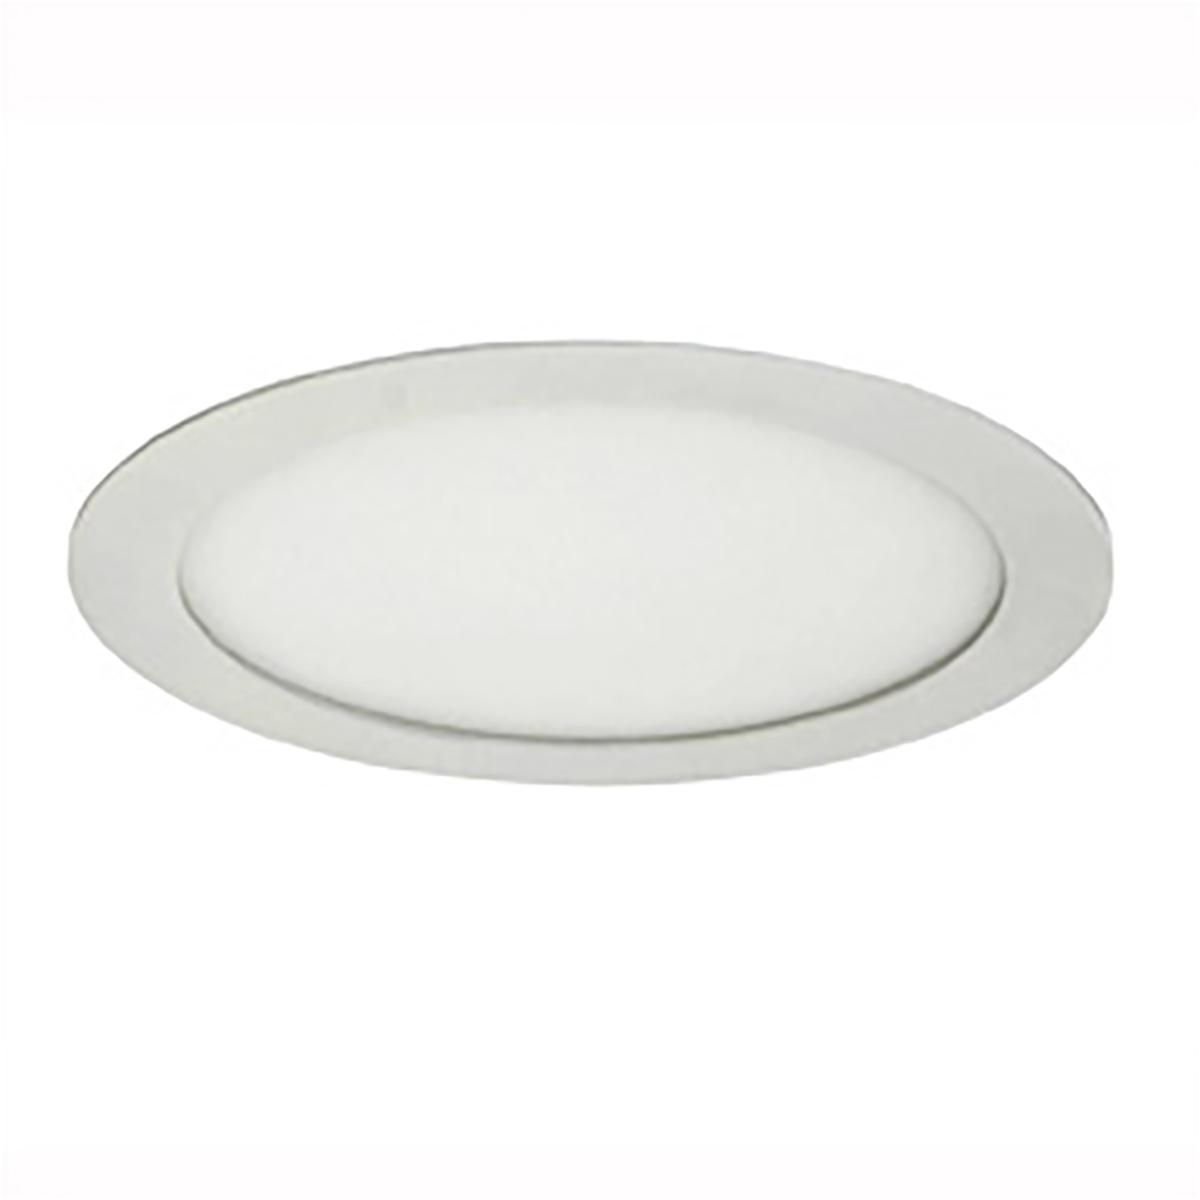 להפליא פנל לד שקוע עגול – גולדן לייט תאורה – יבוא, יצור ושיווק גופי תאורה UQ-67